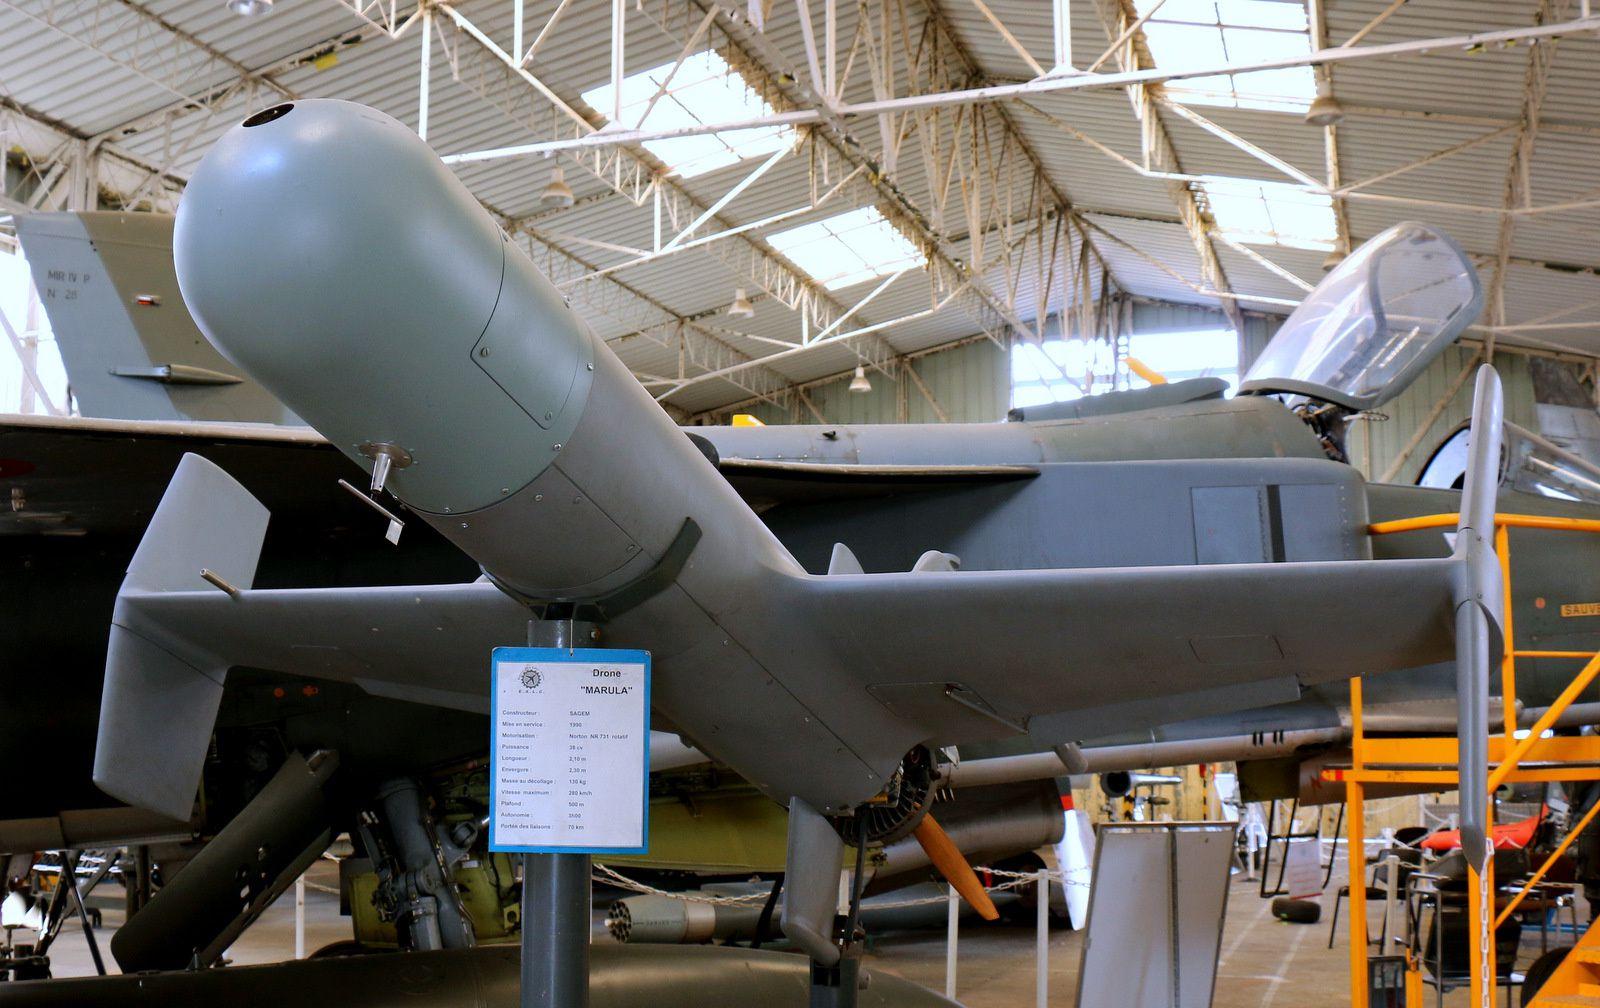 Drone Marula, musée de l'aviation française Clément-Ader